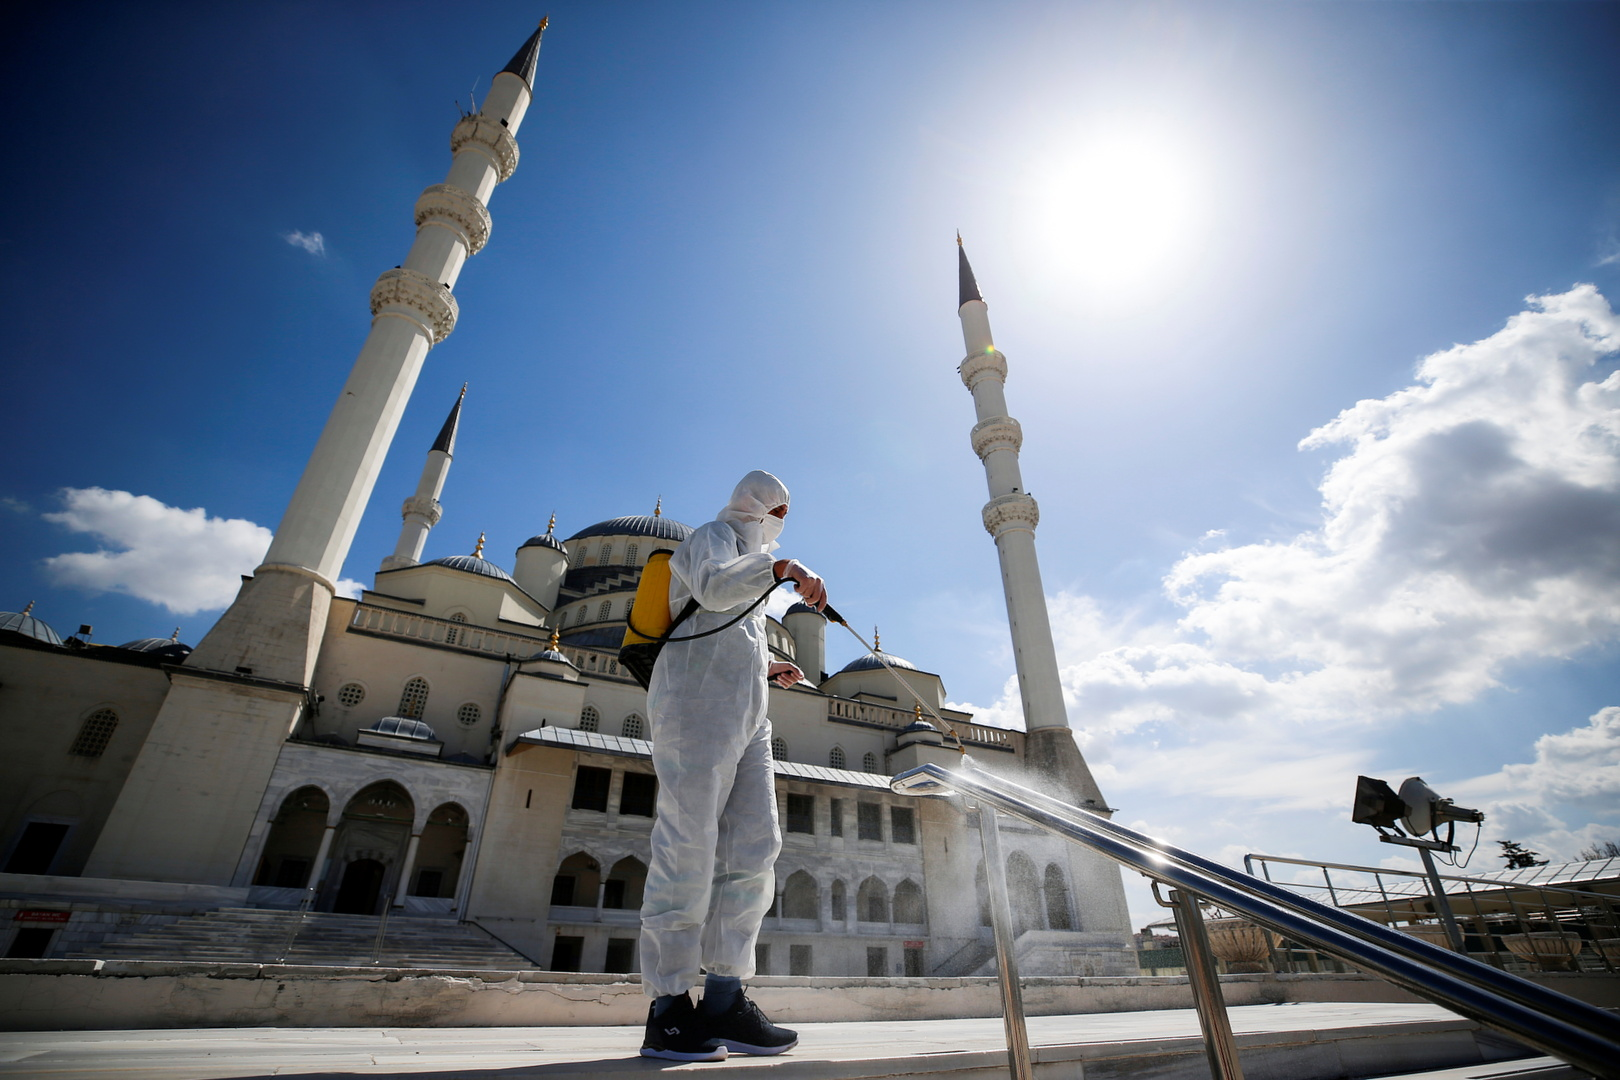 تركيا تسجل حصيلة غير مسبوقة للوفيات الجديدة بكورونا